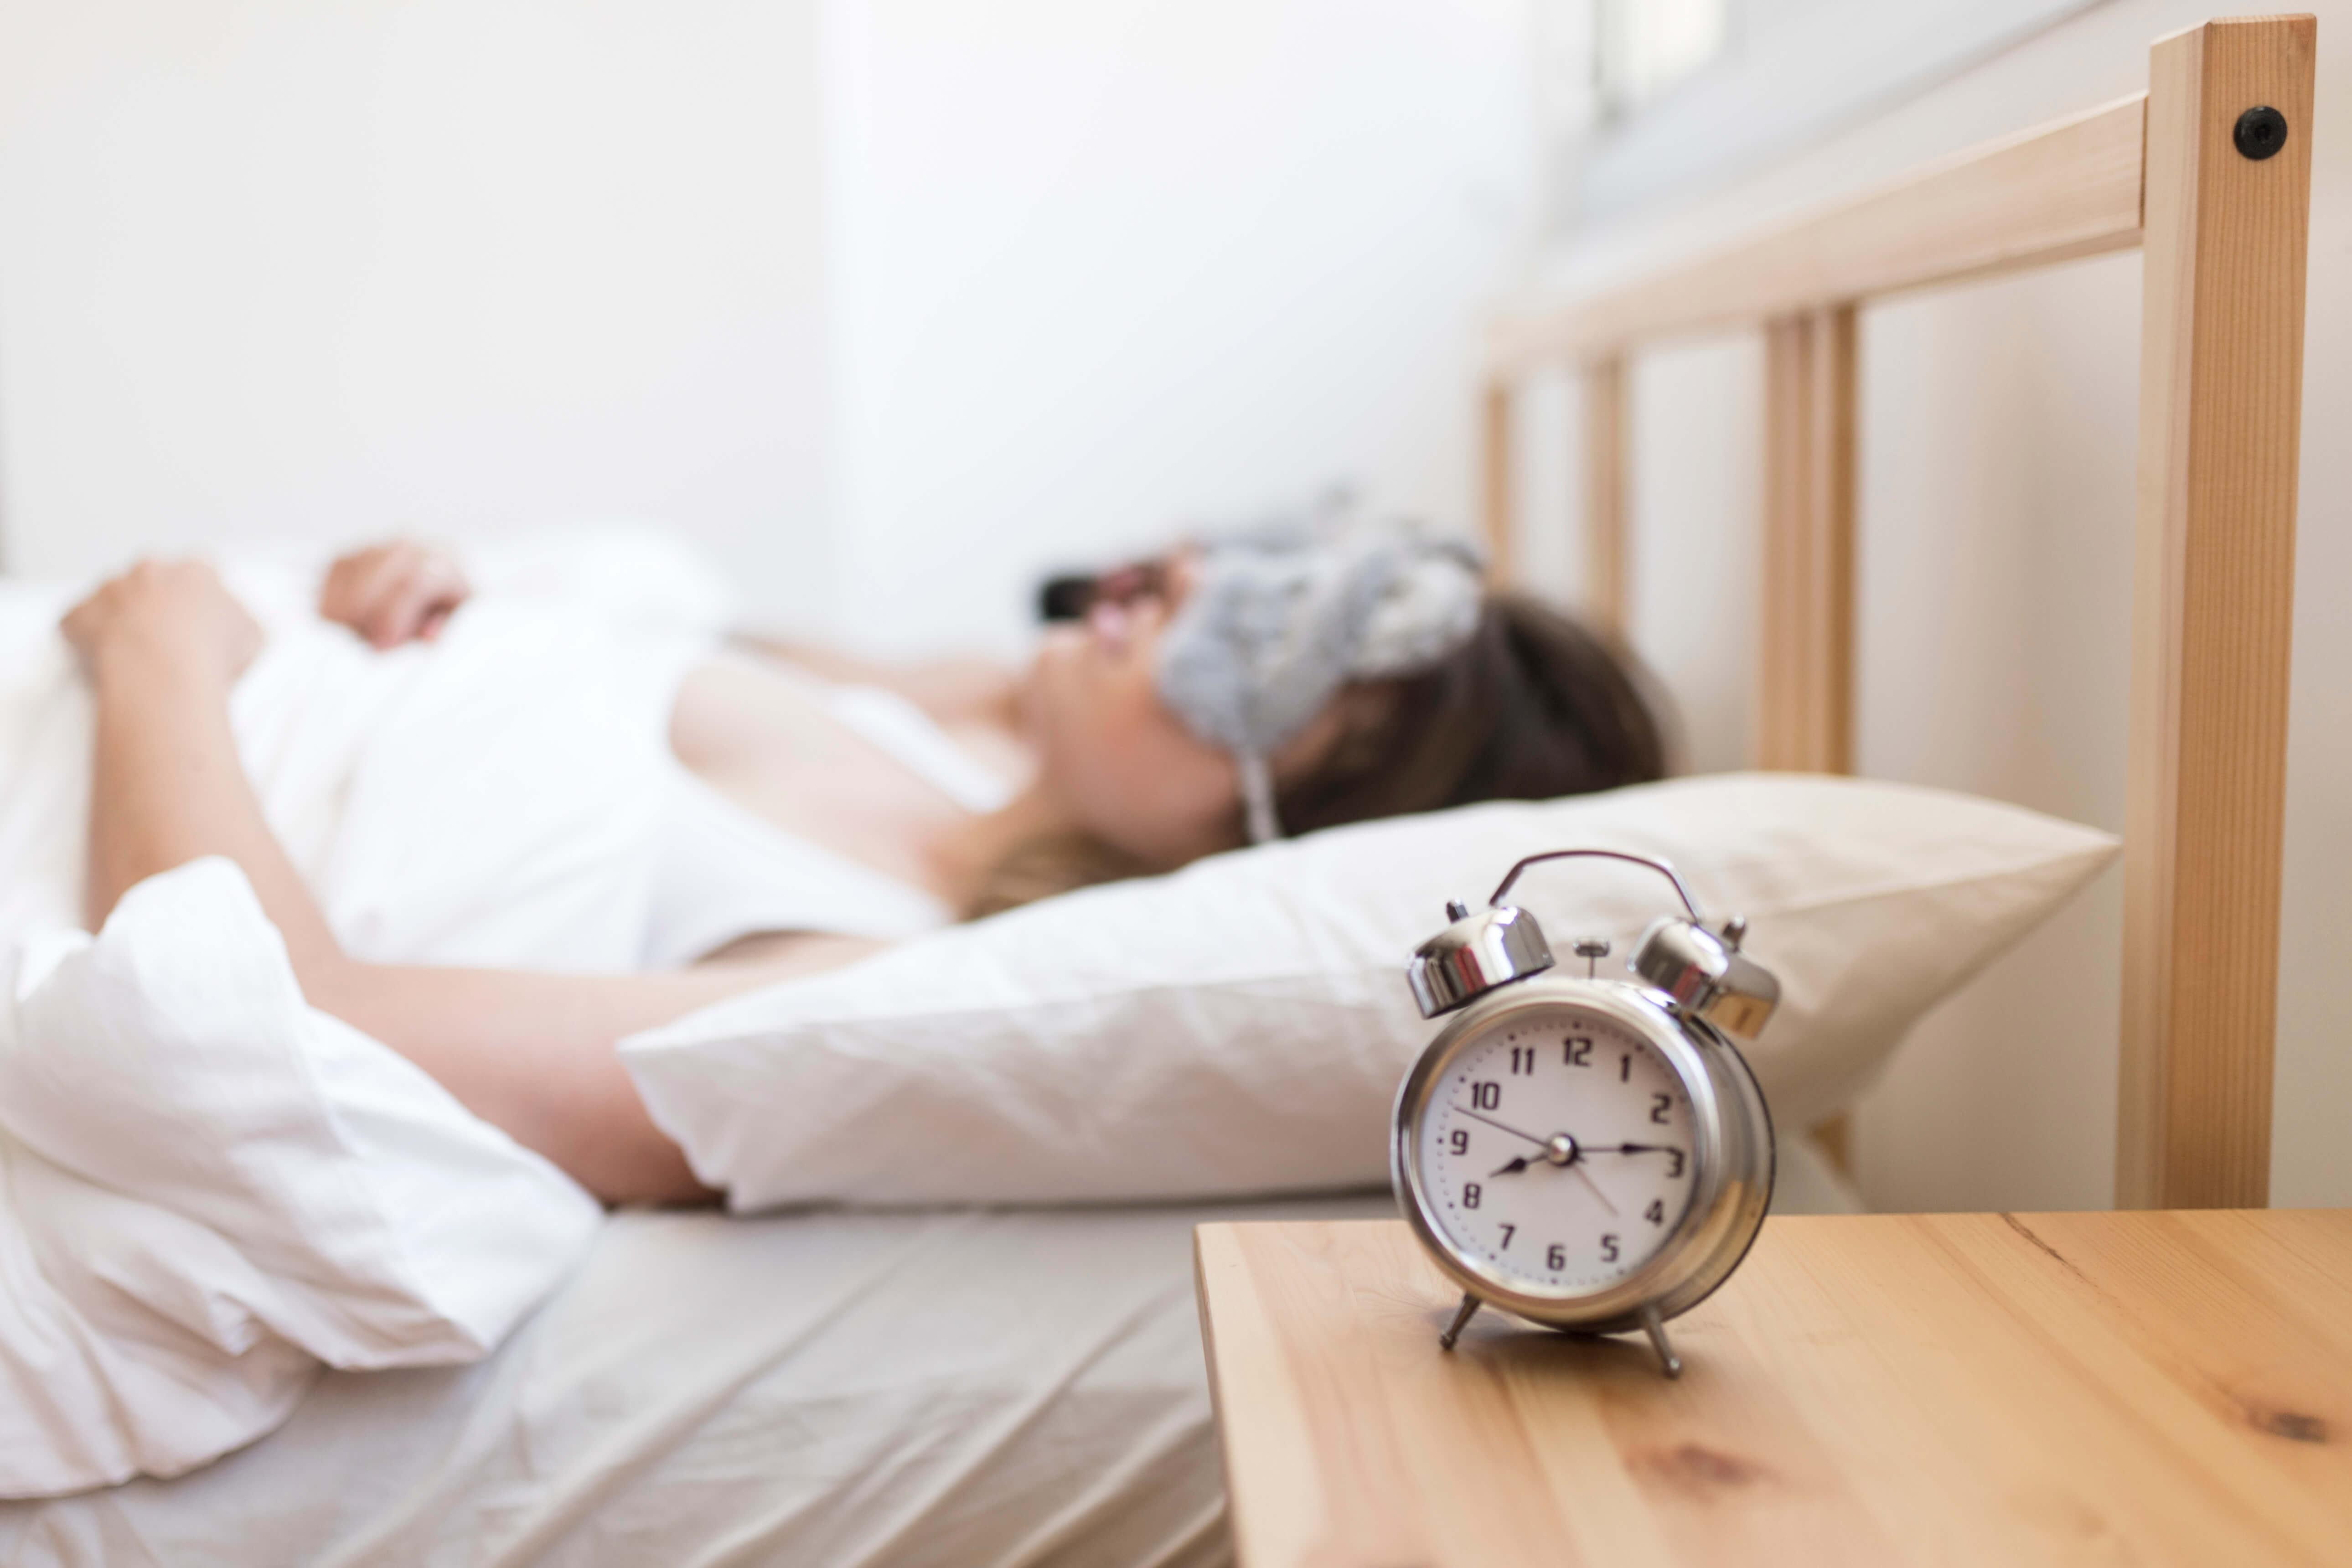 เคล็ด (ไม่) ลับ พ่อค้า-แม่ค้าออนไลน์ เพิ่มยอดขาย ขยายเวลานอน